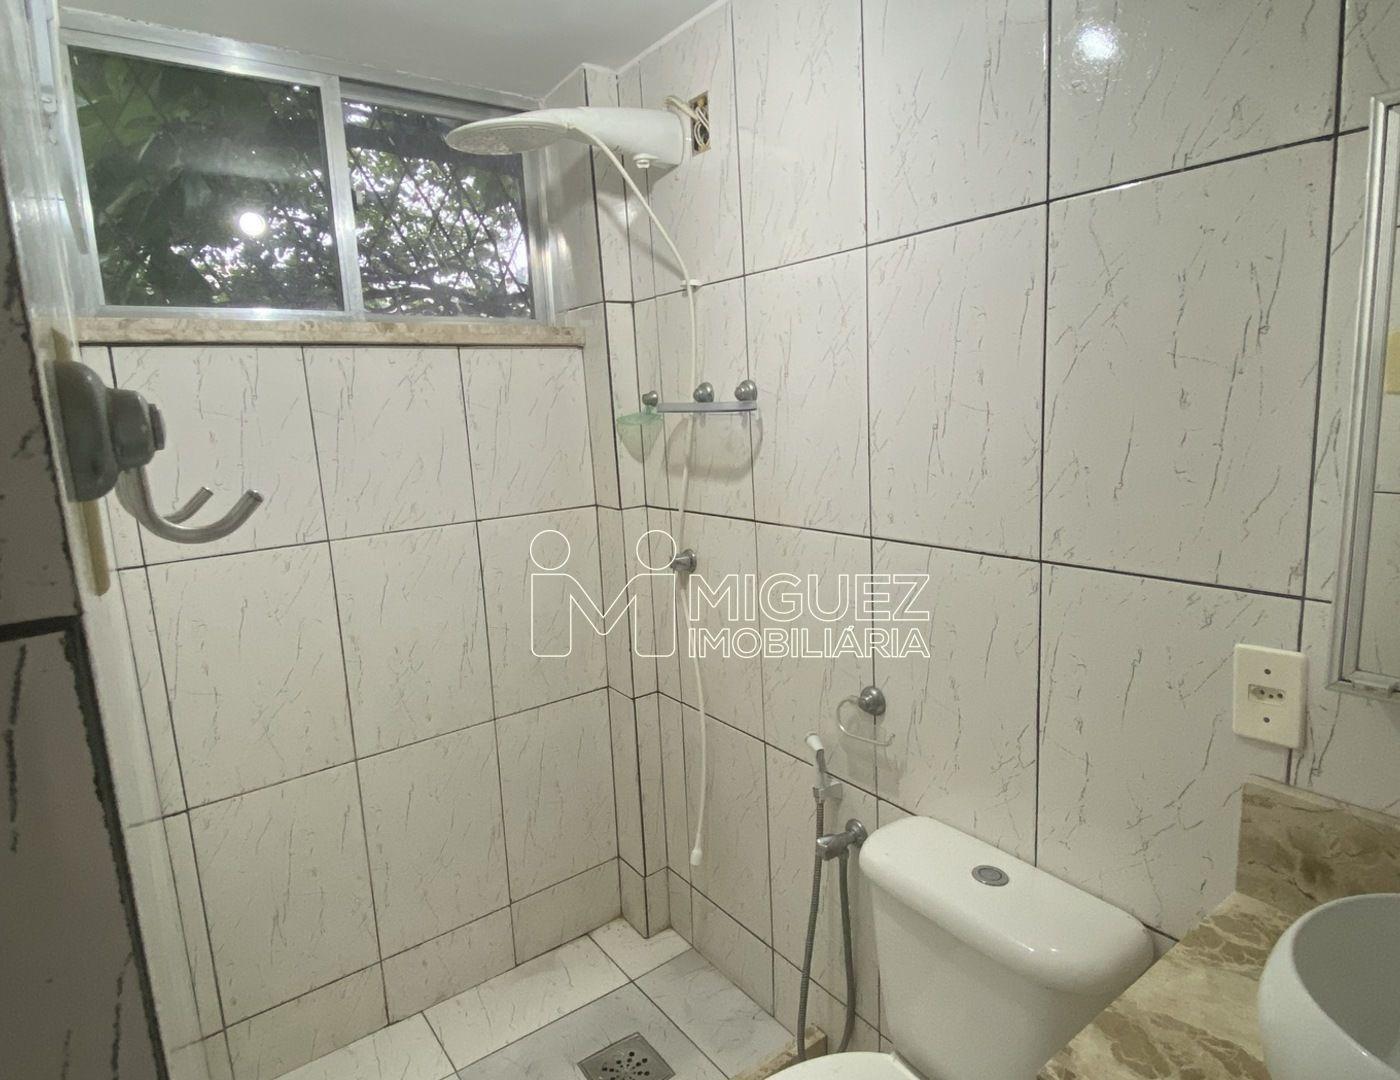 Apartamento, venda, Rua Doutor Agra - Catumbi , Rio de janeiro